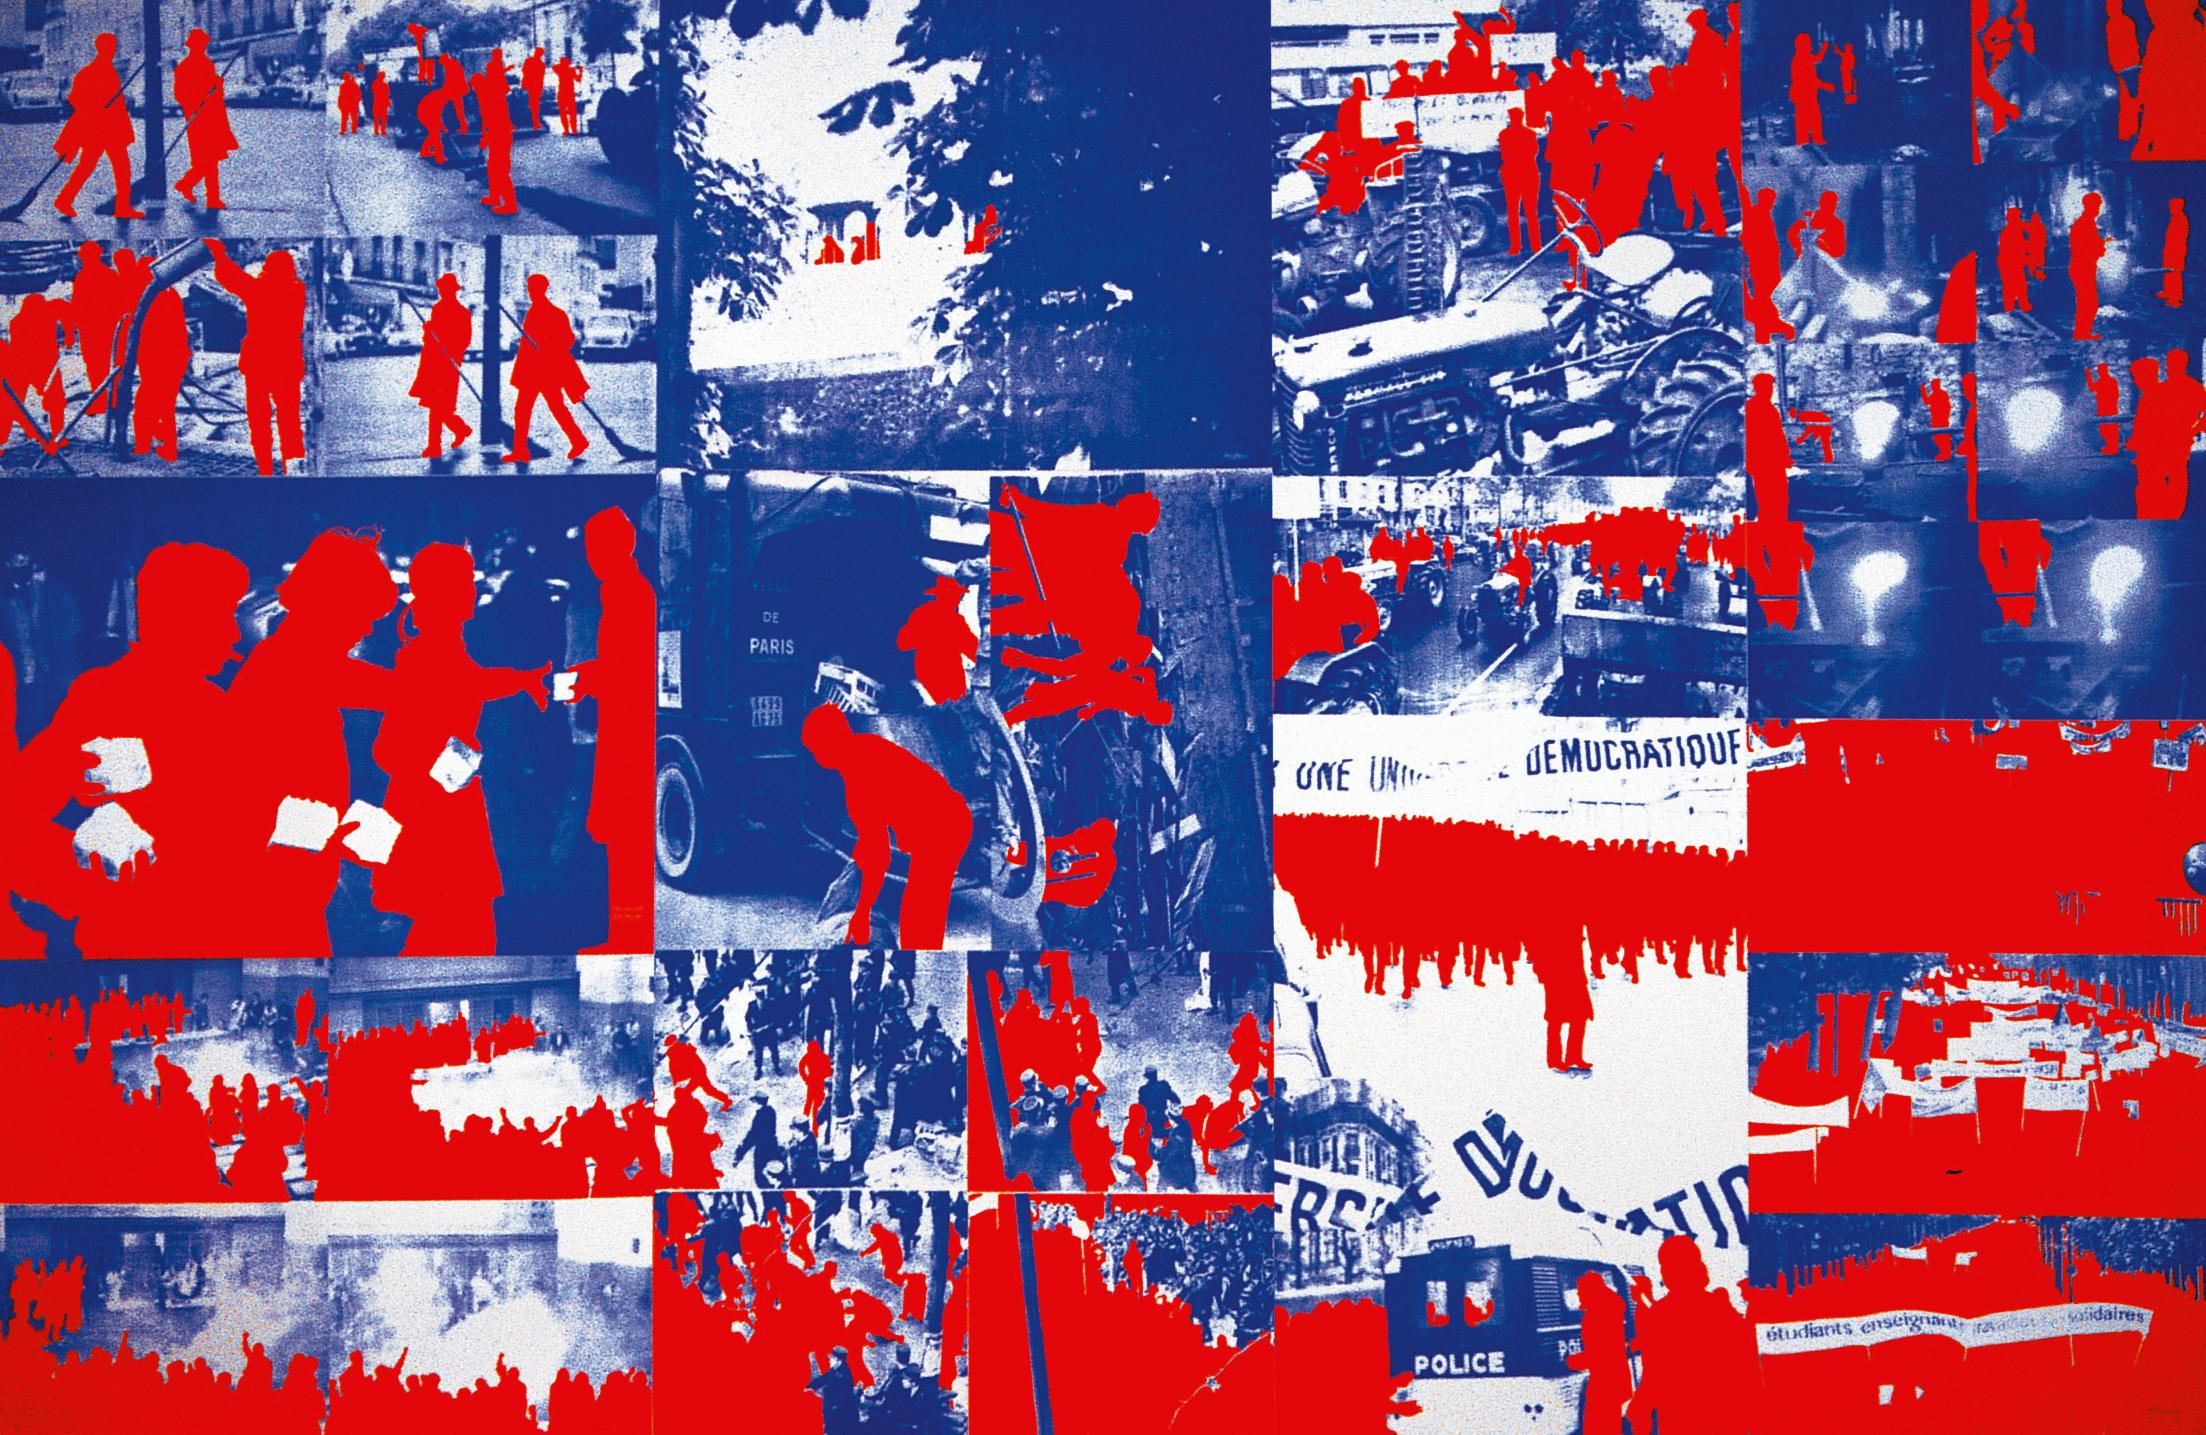 Album Le Rouge, 1968